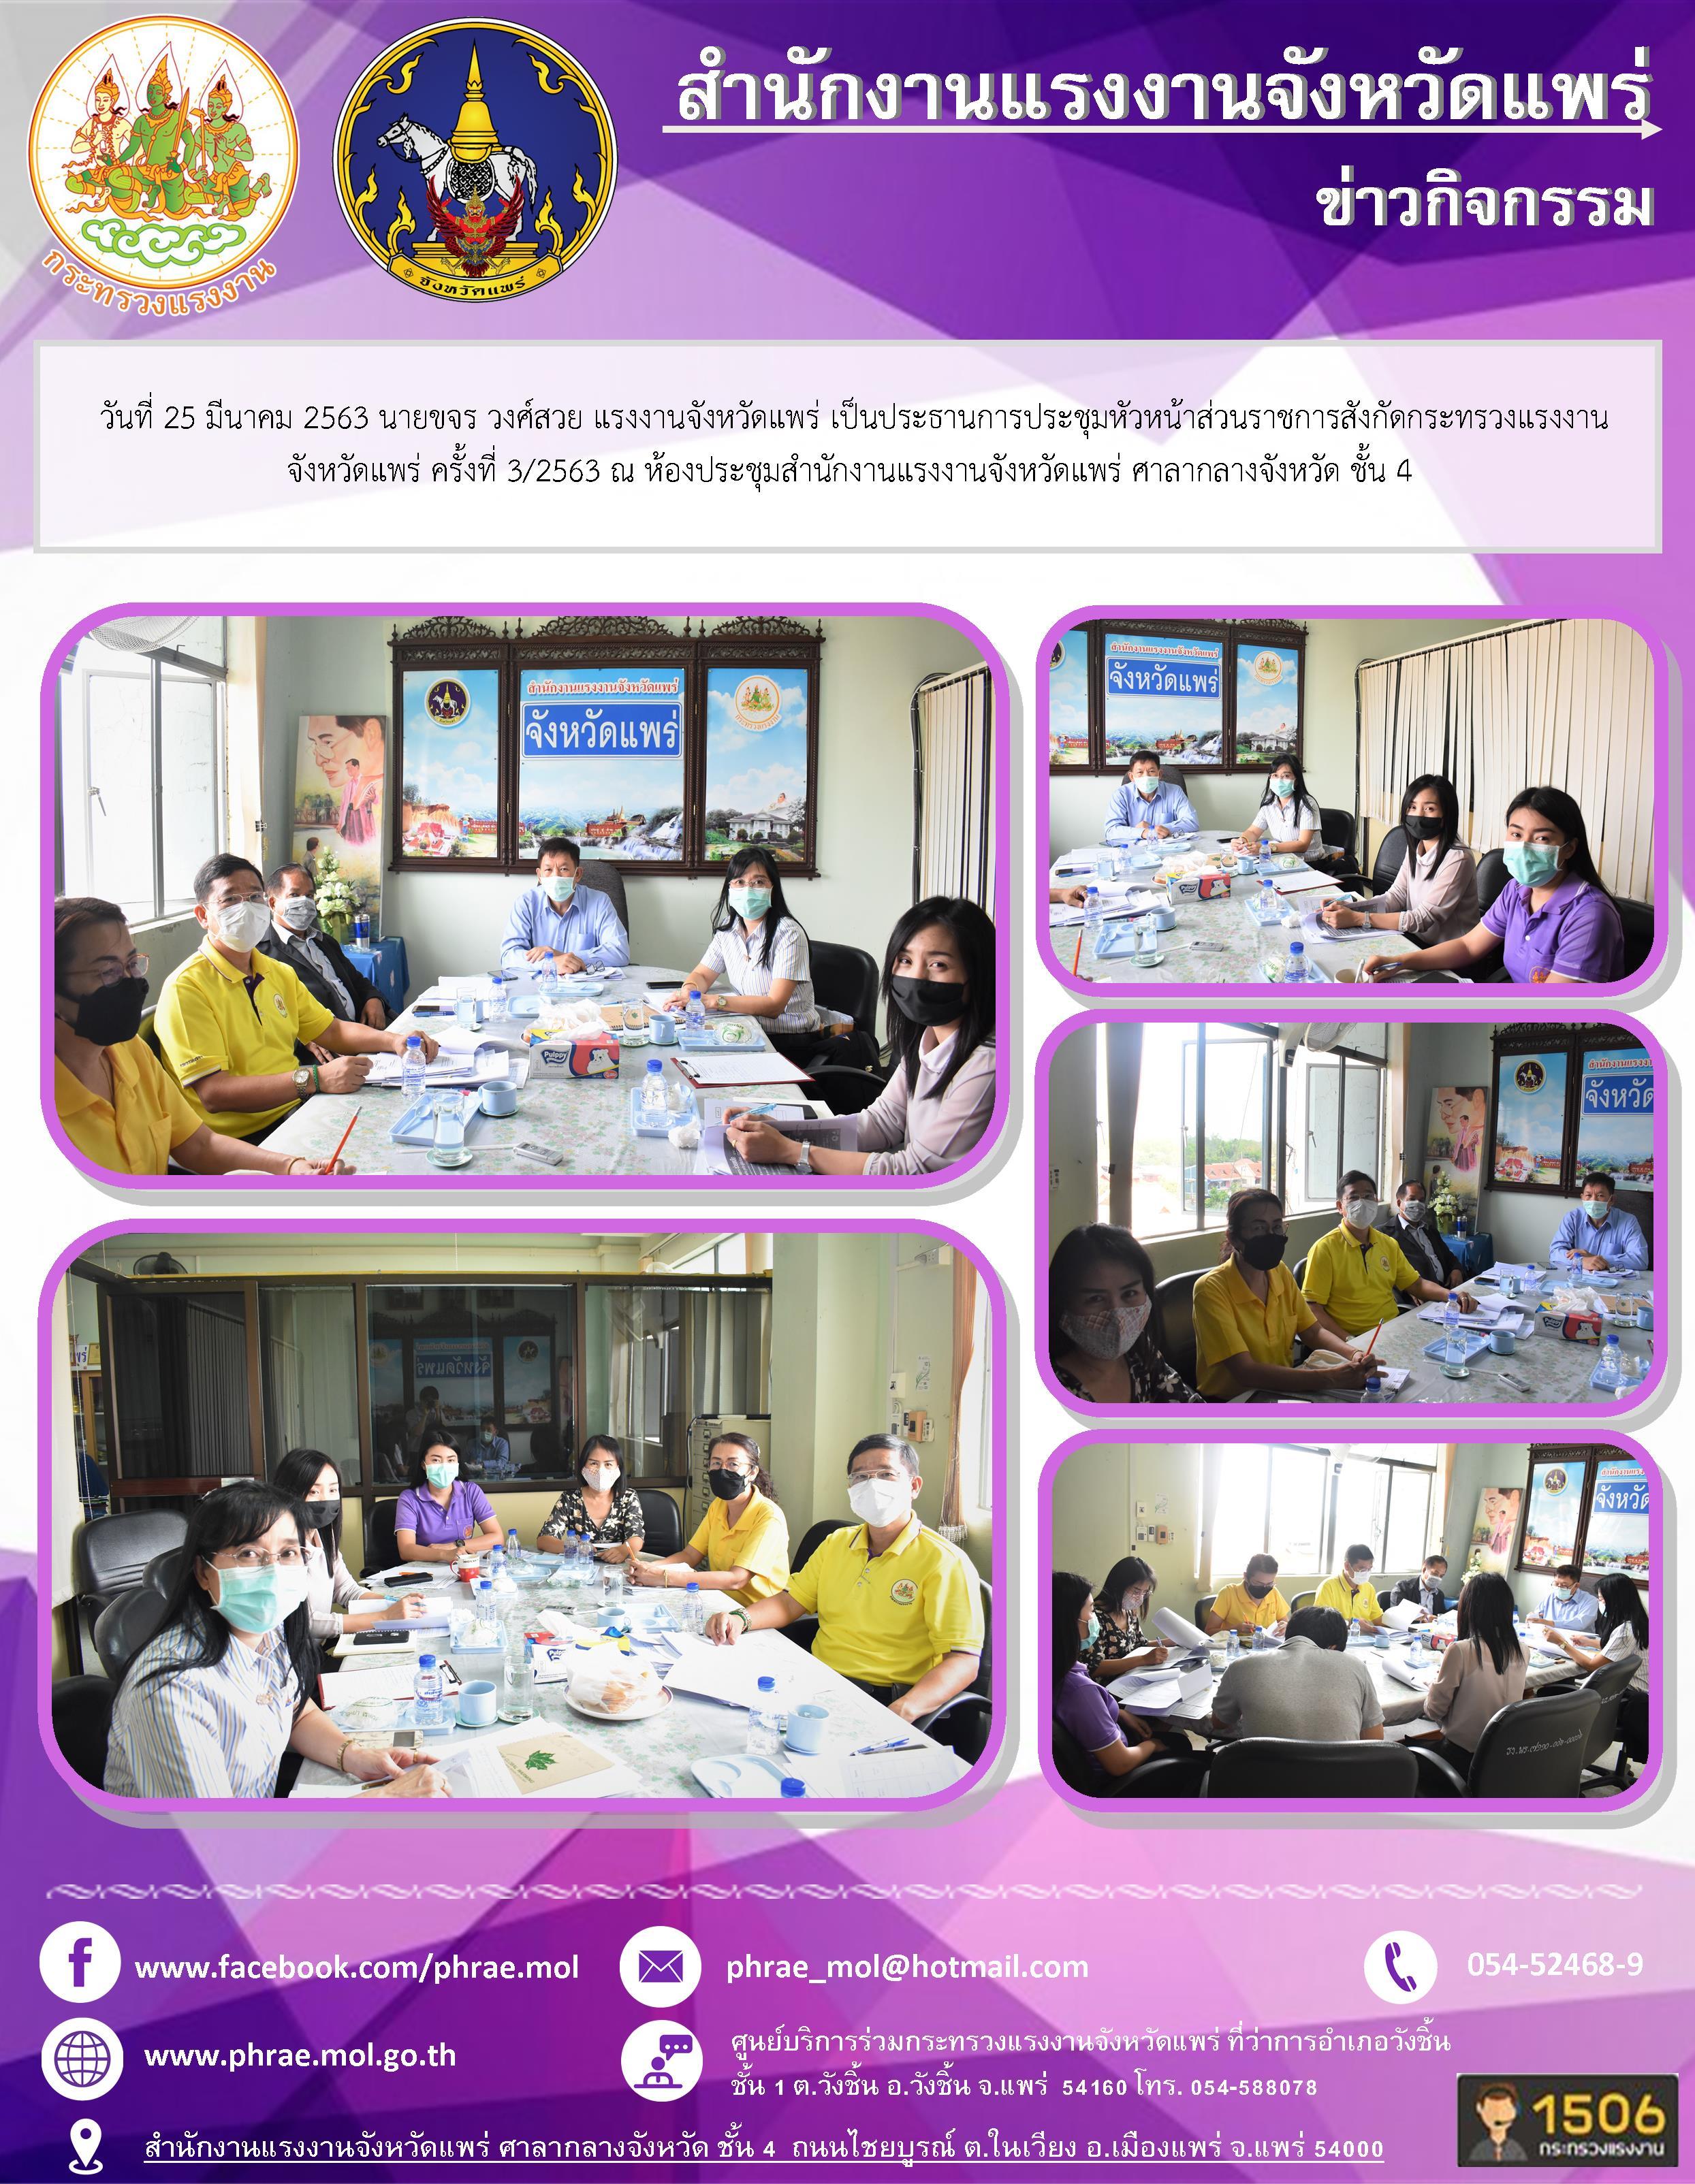 ประชุมหัวหน้าส่วนราชการสังกัดกระทรวงแรงงานจังหวัดแพร่ ครั้งที่ 3/2563